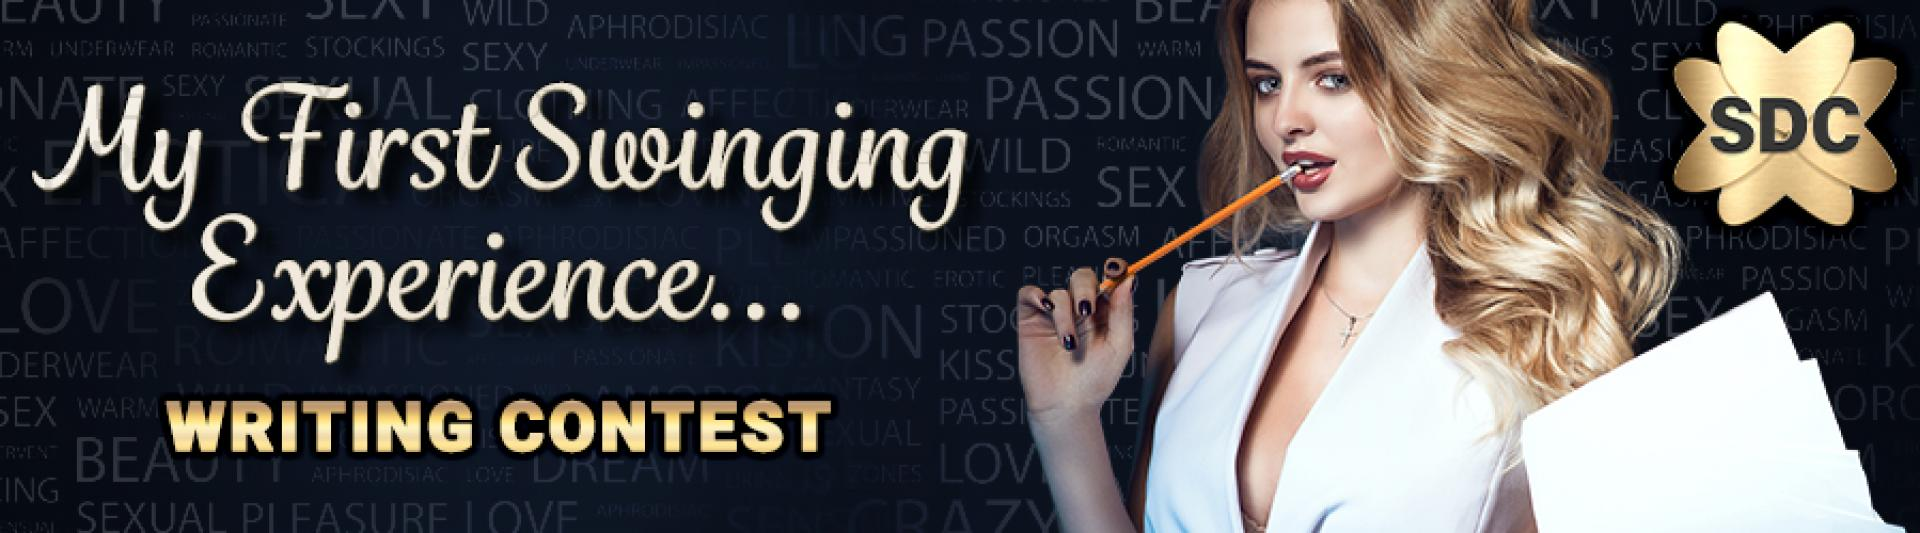 Erotischer Schreibwettbewerb der SDC Erste Swinging Experience Member Story